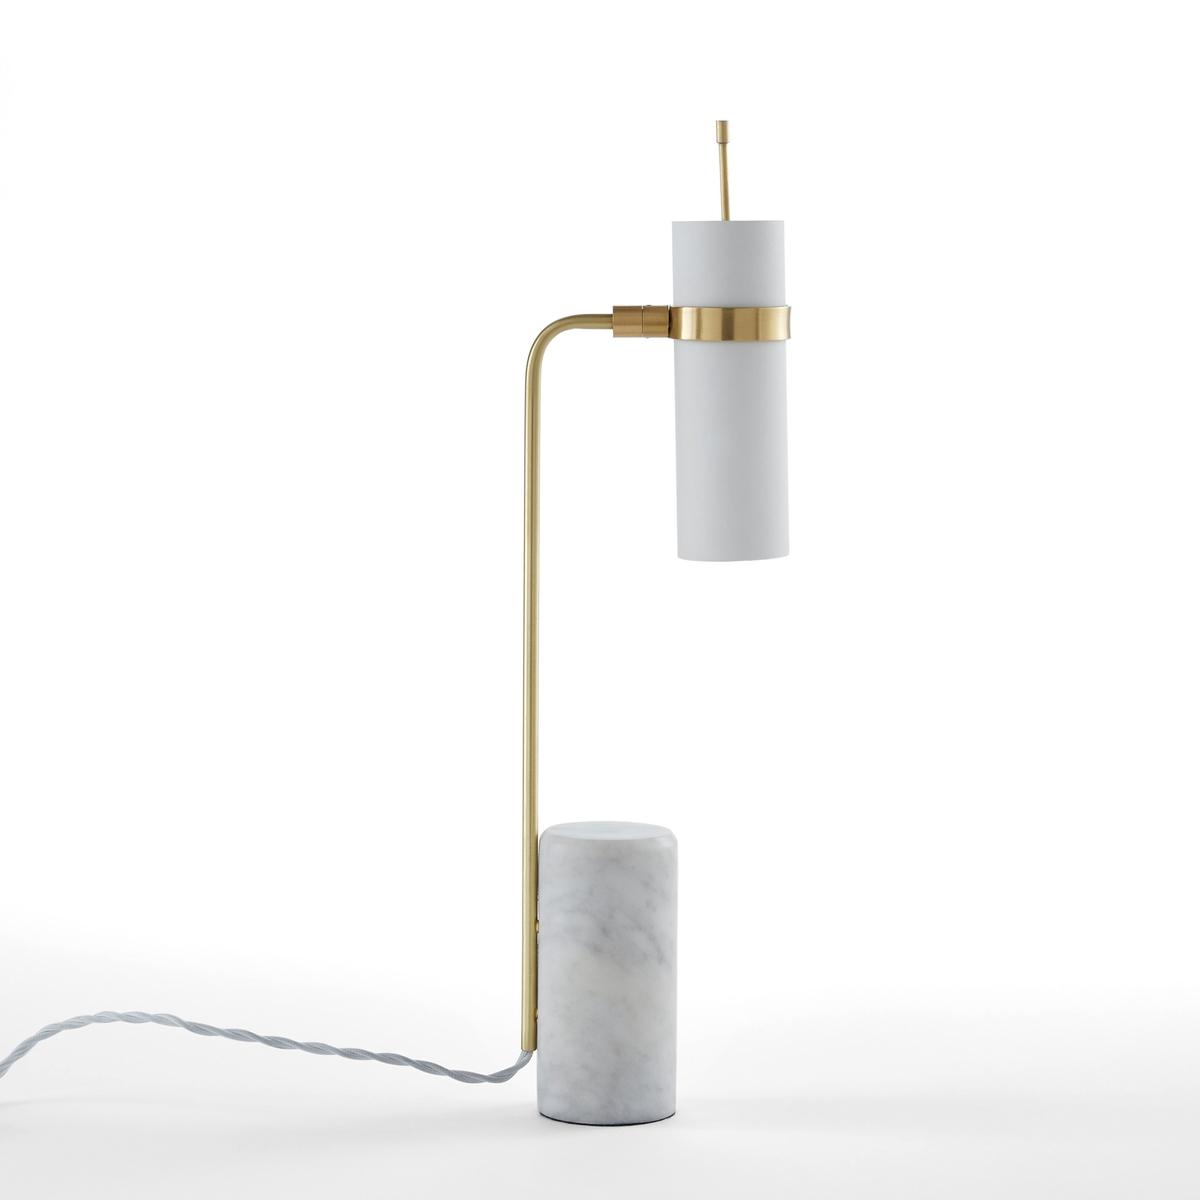 Лампа настольная, Isaure бра из черного металла и металла с отделкой под латунь elori